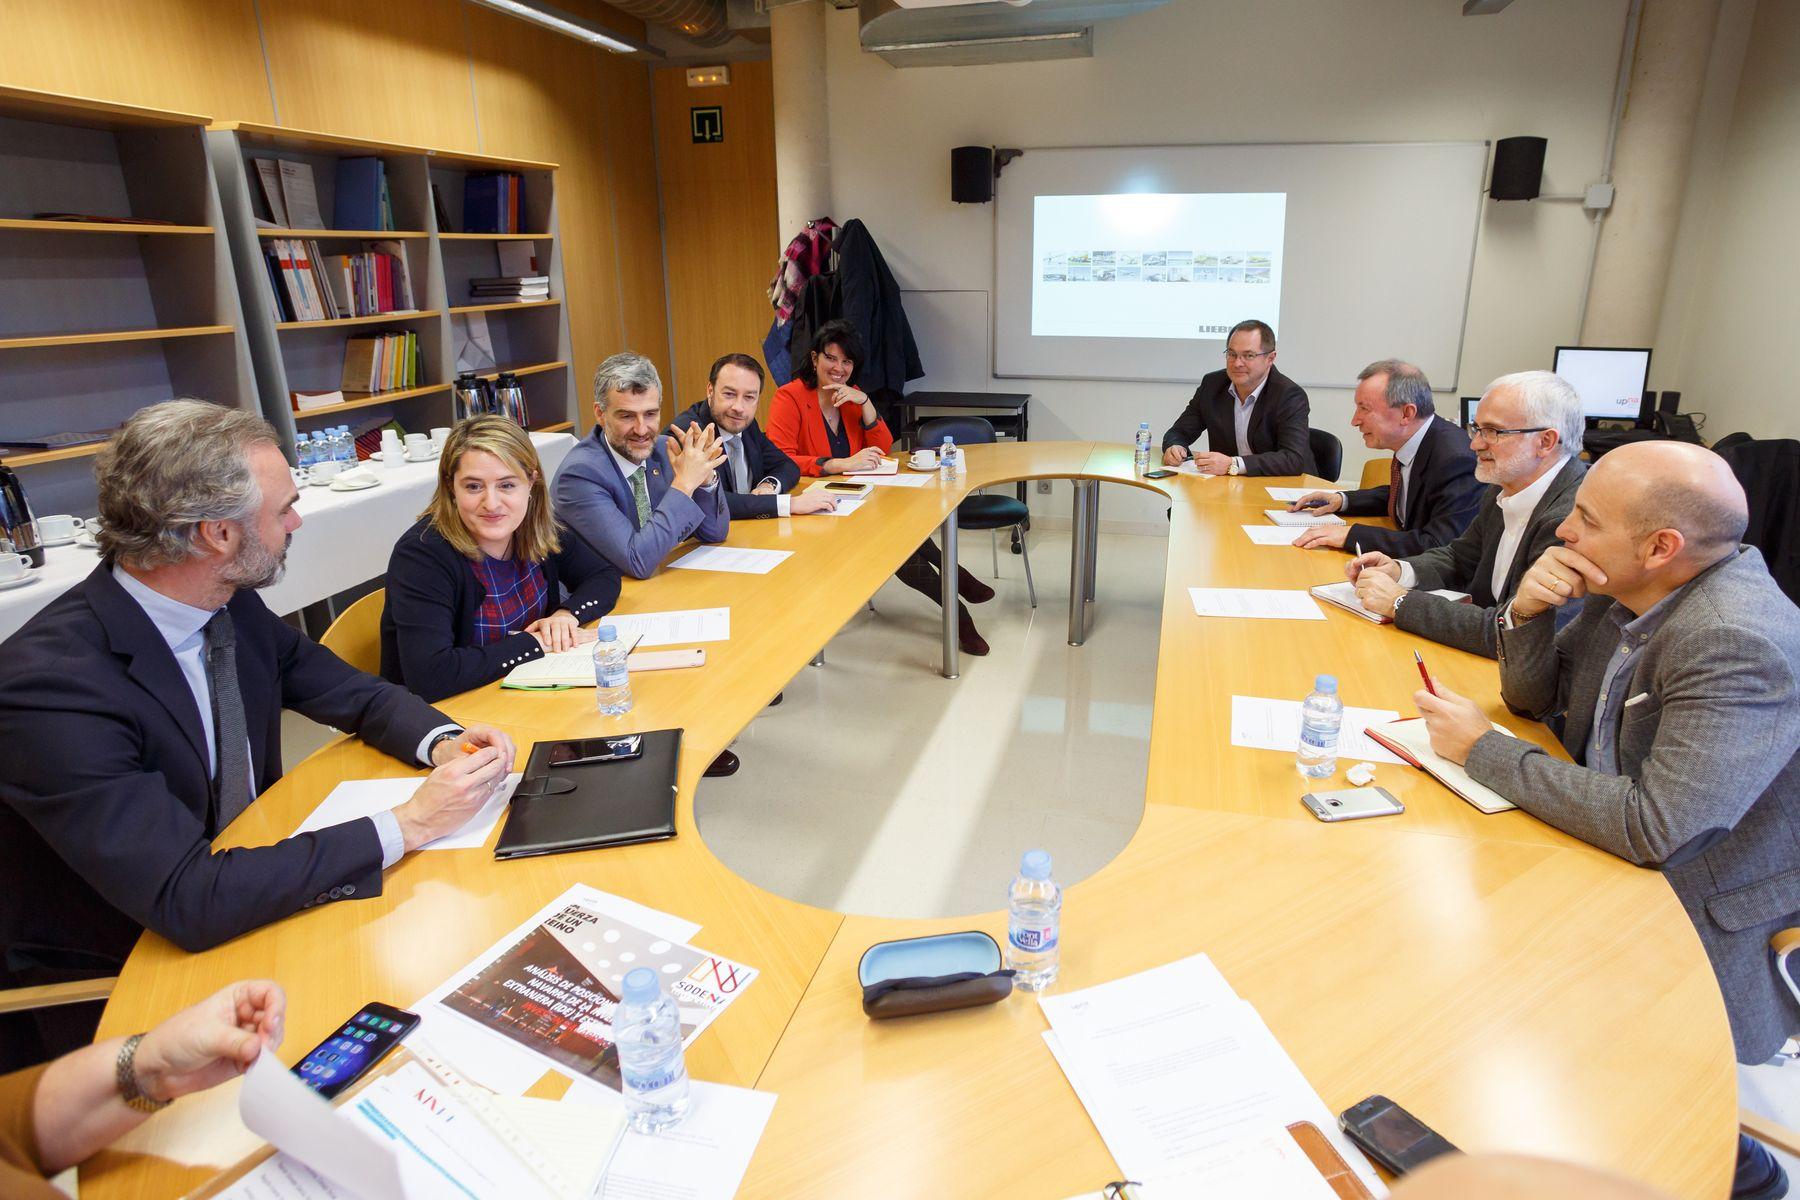 La reunión ha sido convocada por el Consejo Social de la UPNA.